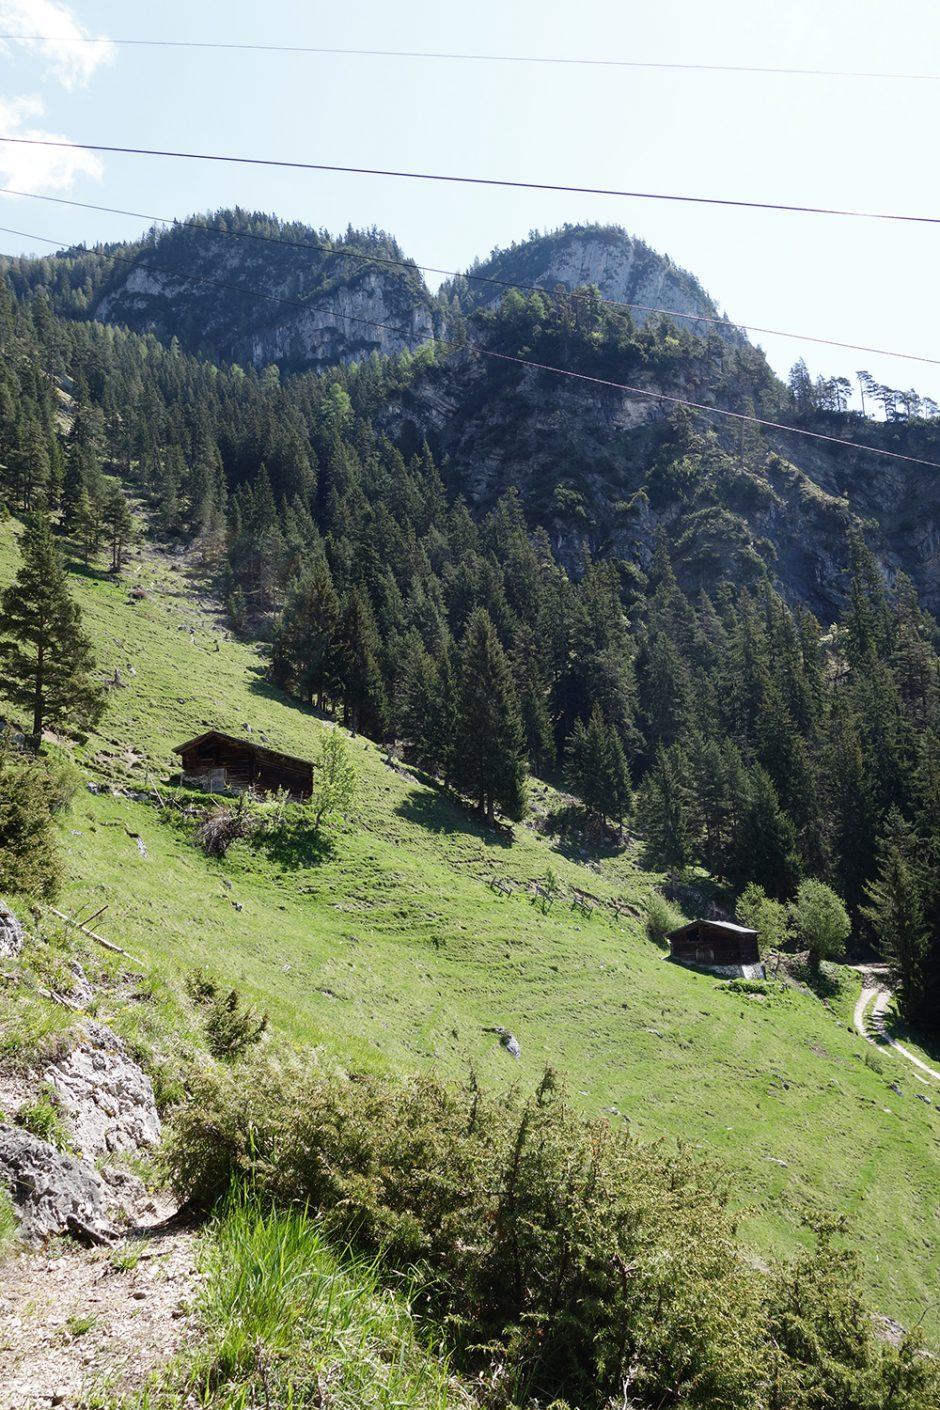 wildandfit-wandern-dalfazer-wasserfall-klettersteig-hochiss-achensee-rofan-11